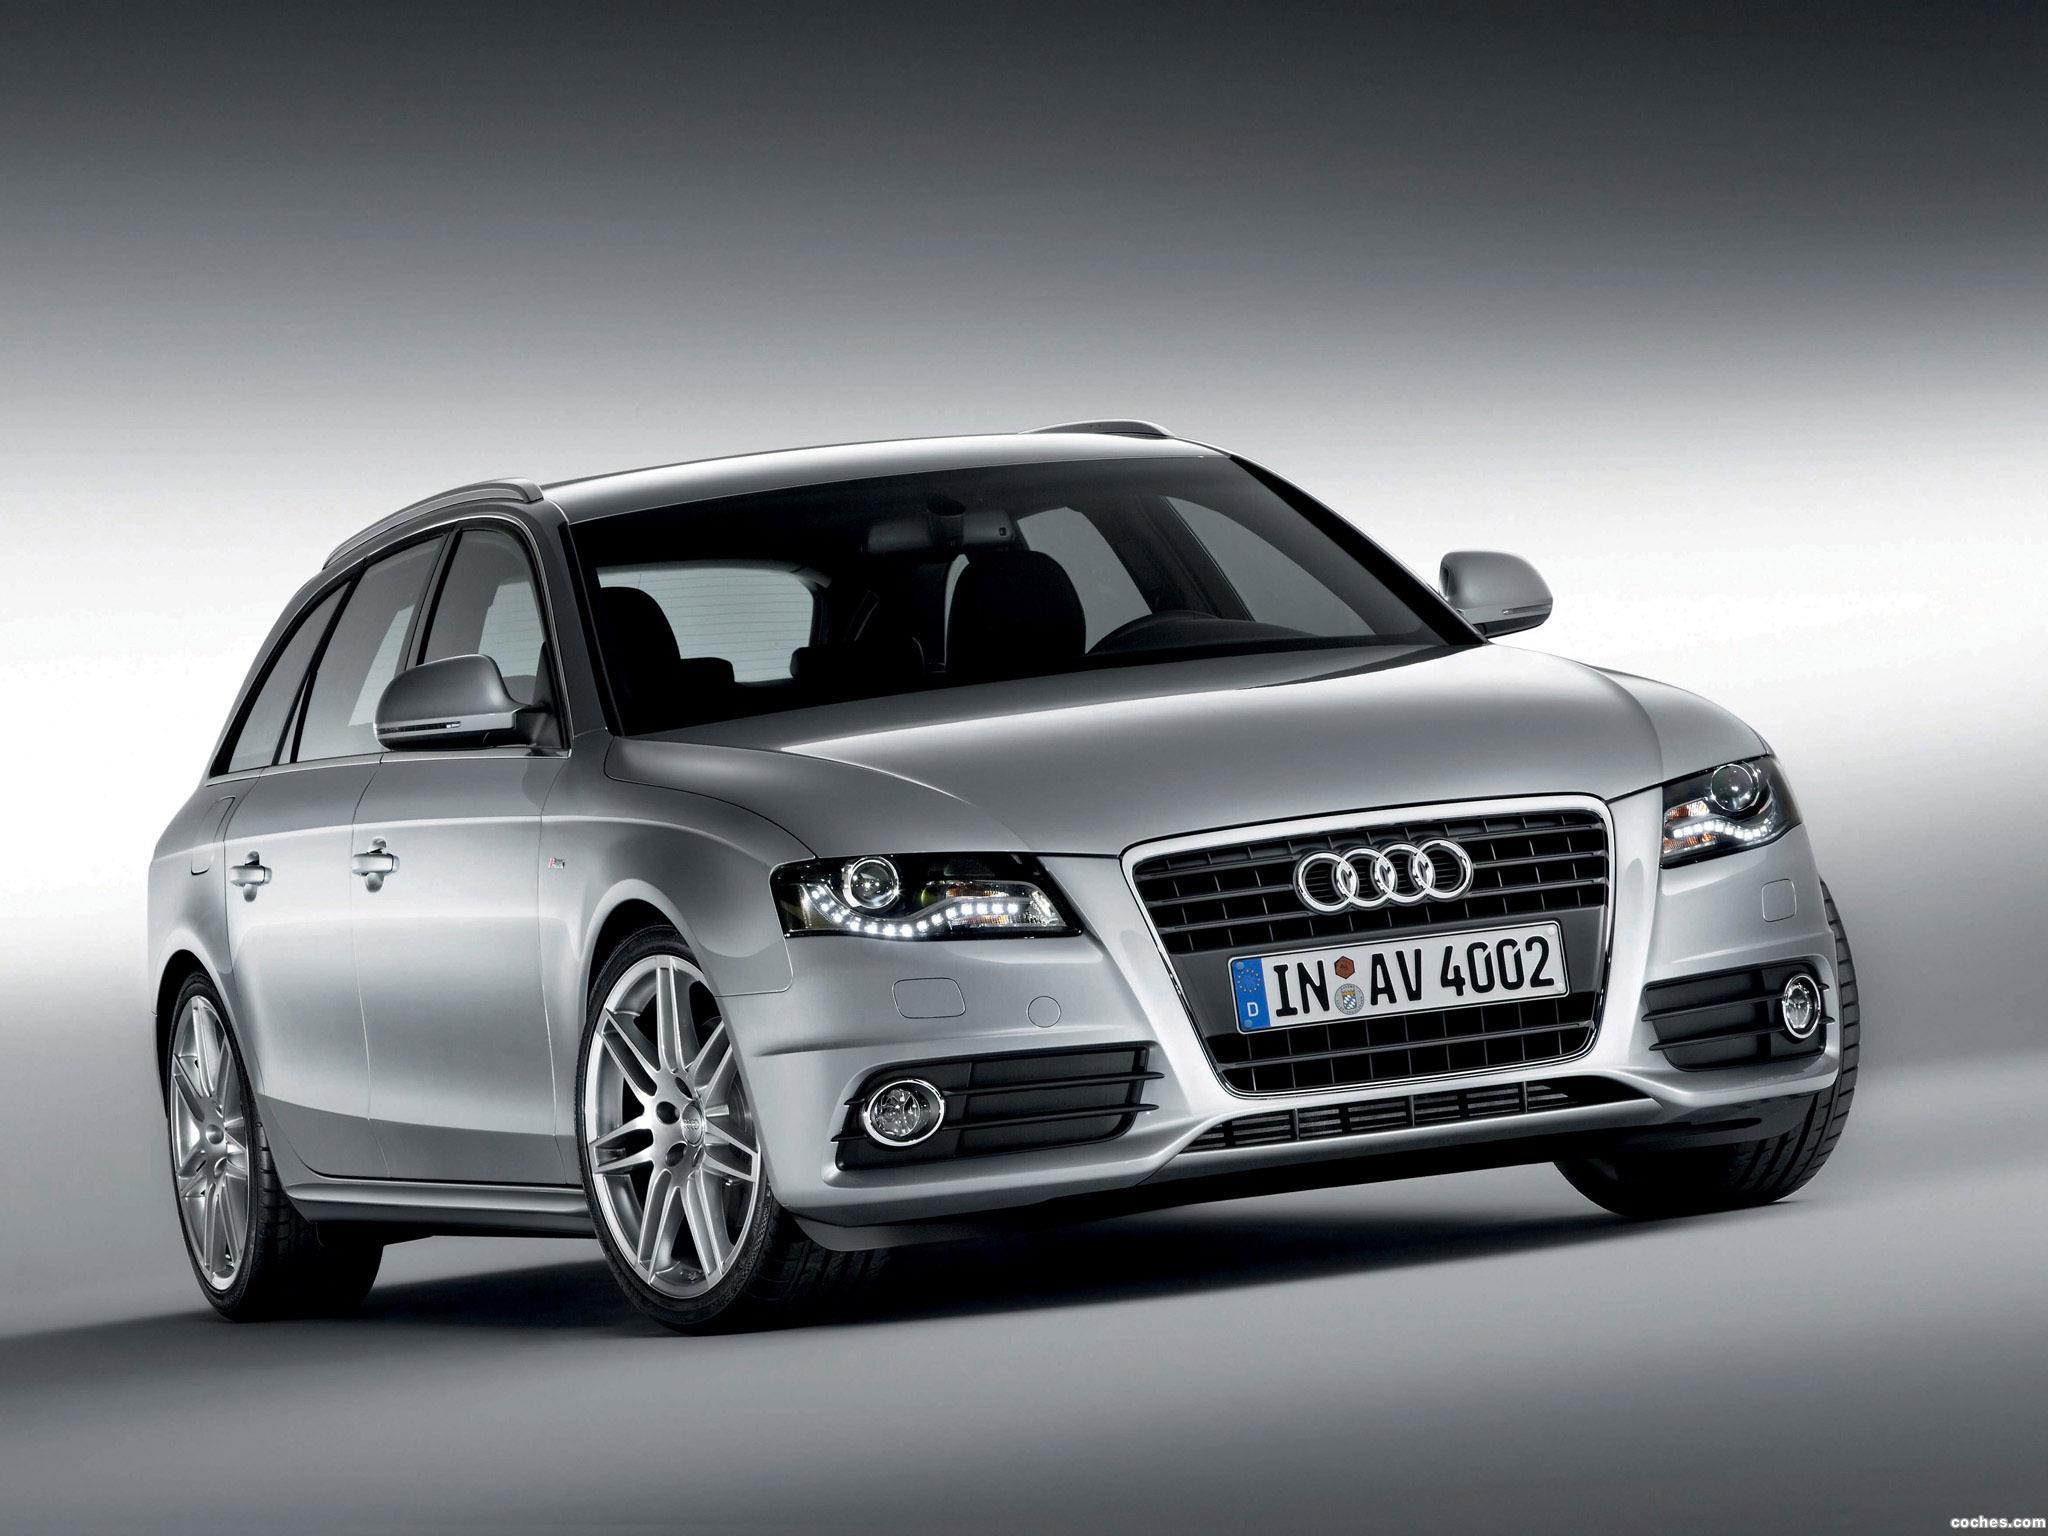 Foto 0 de Audi A4 Avant S-line 2008